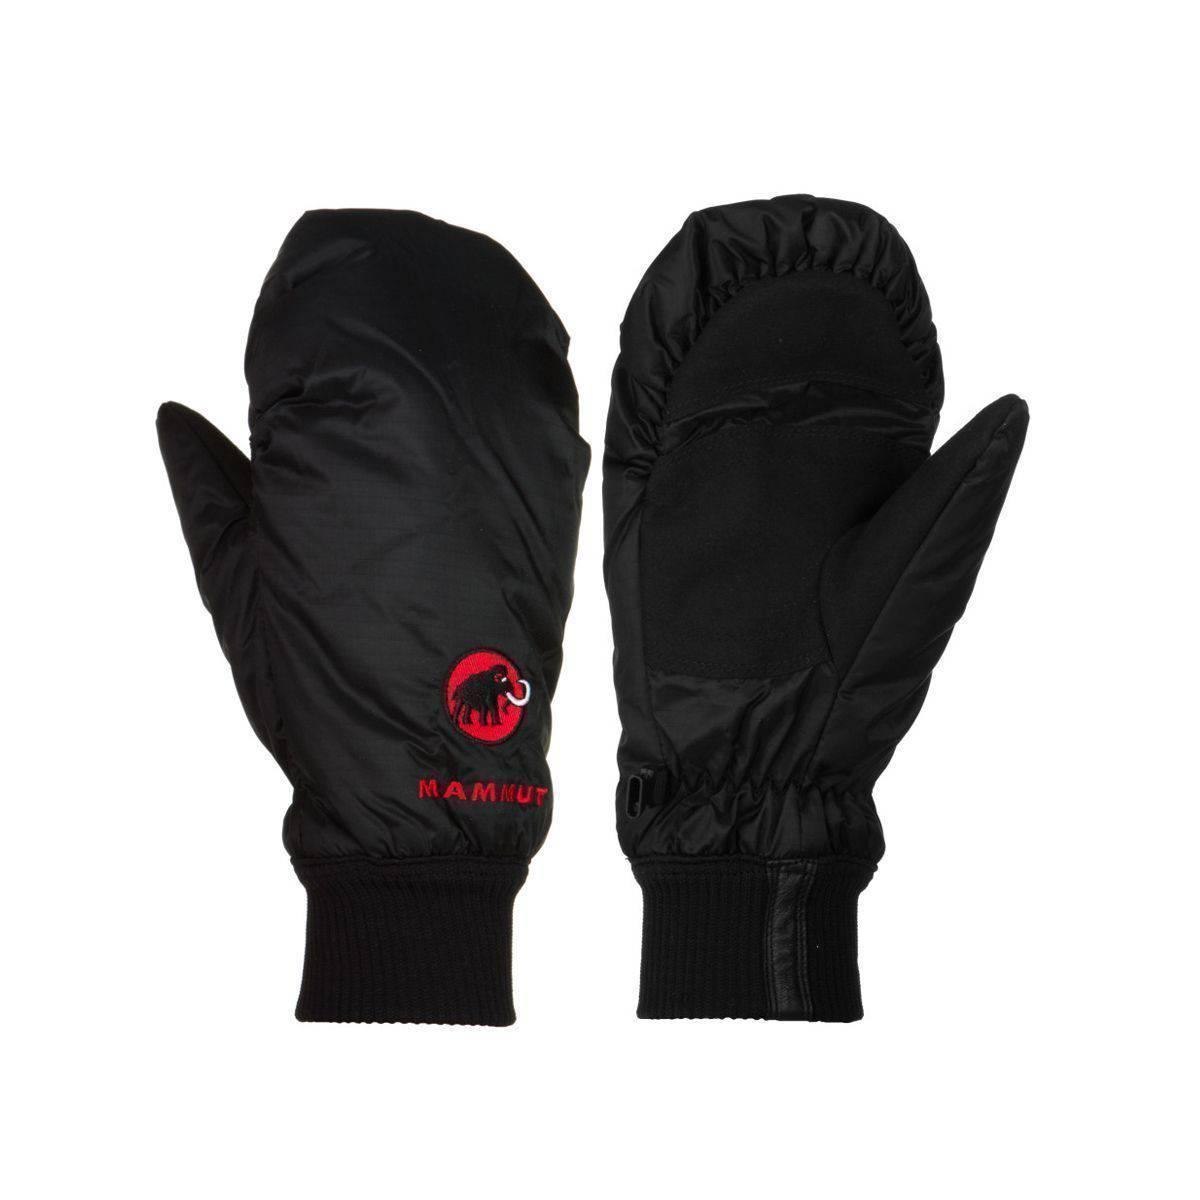 Fingerless gloves climbing - Mammut Kompakt Mitten Black